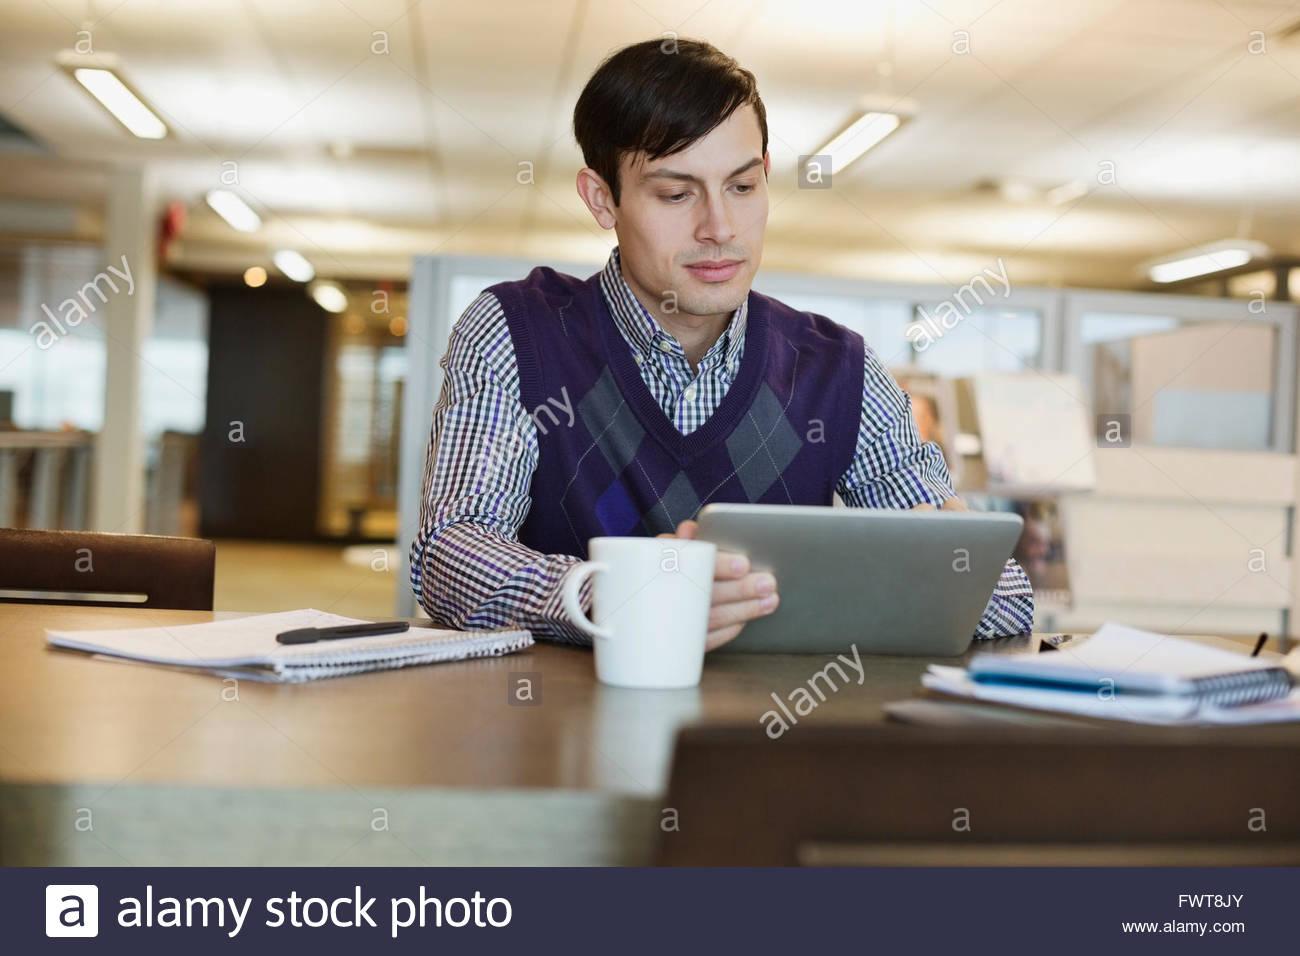 Businessman using digital tablet at office desk - Stock Image